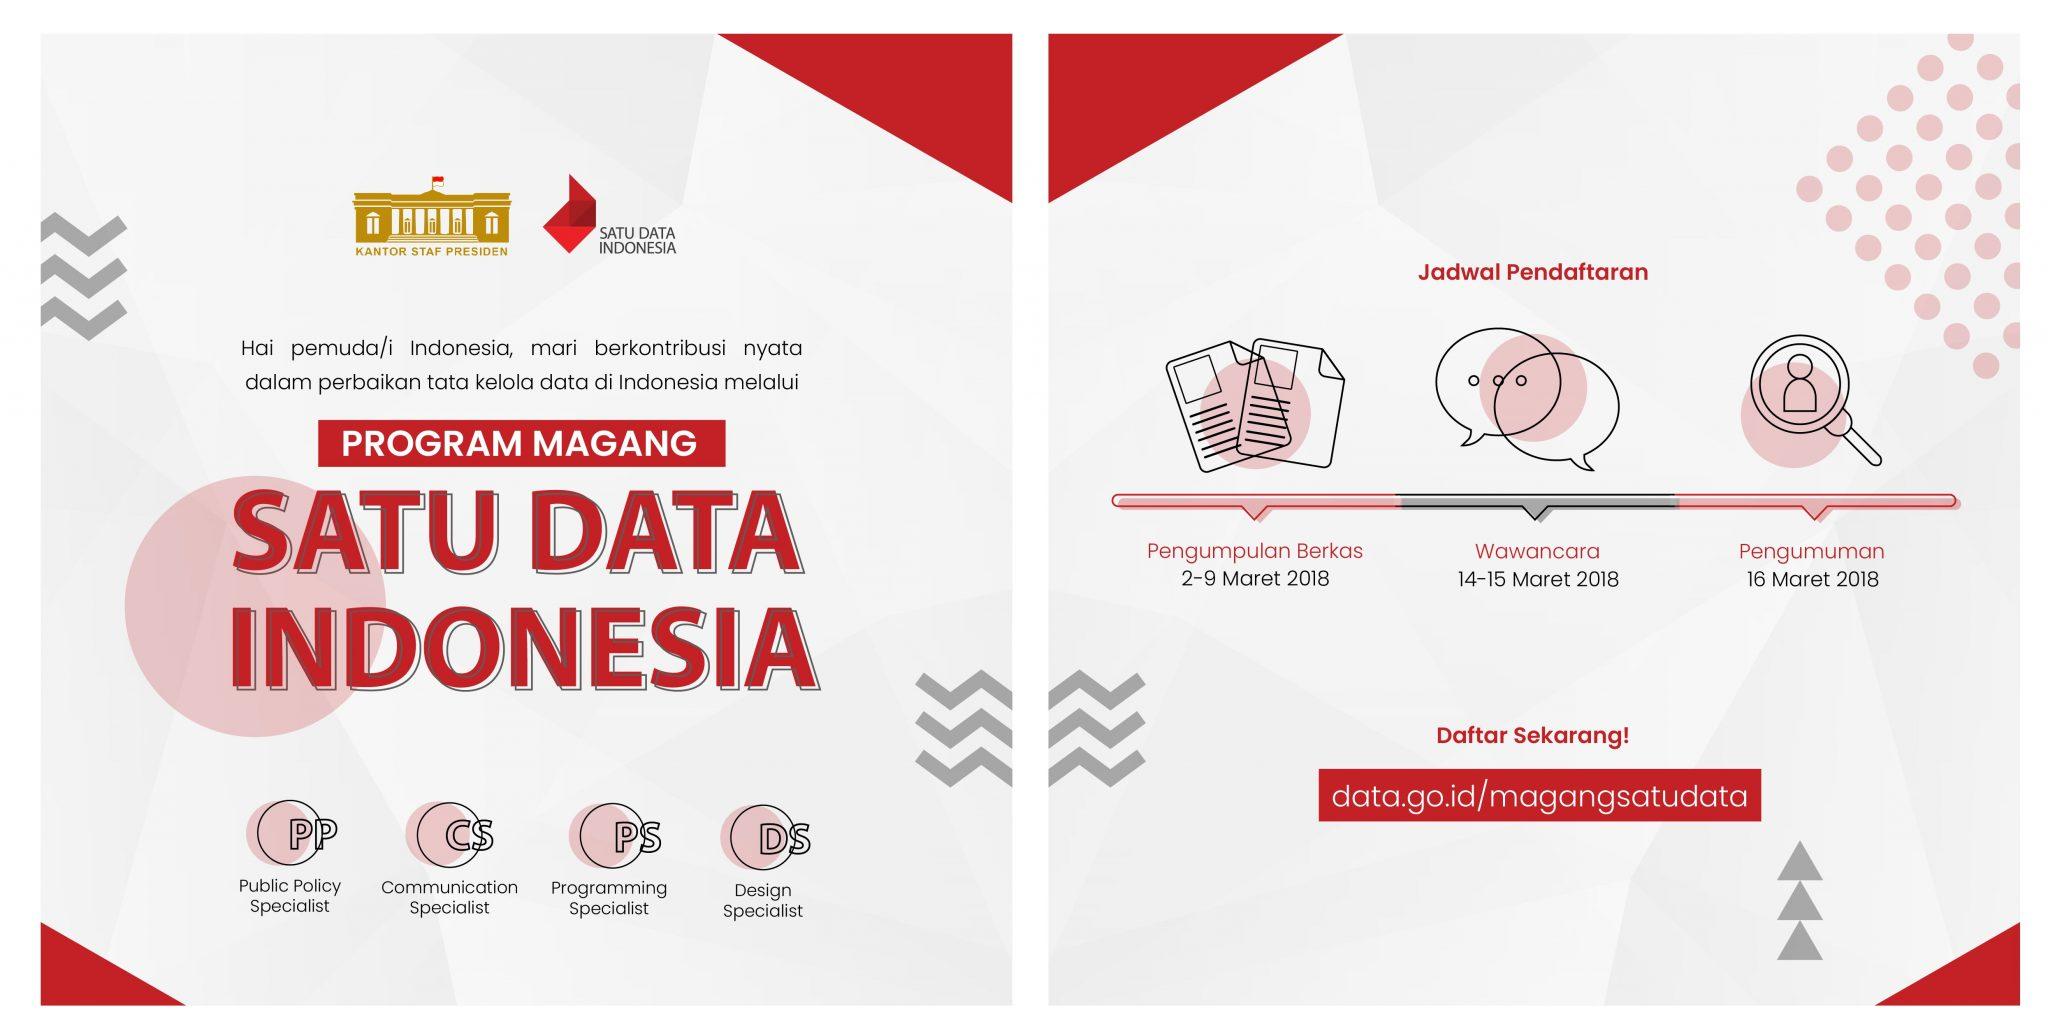 Lowongan Program Magang Satu Data Indonesia